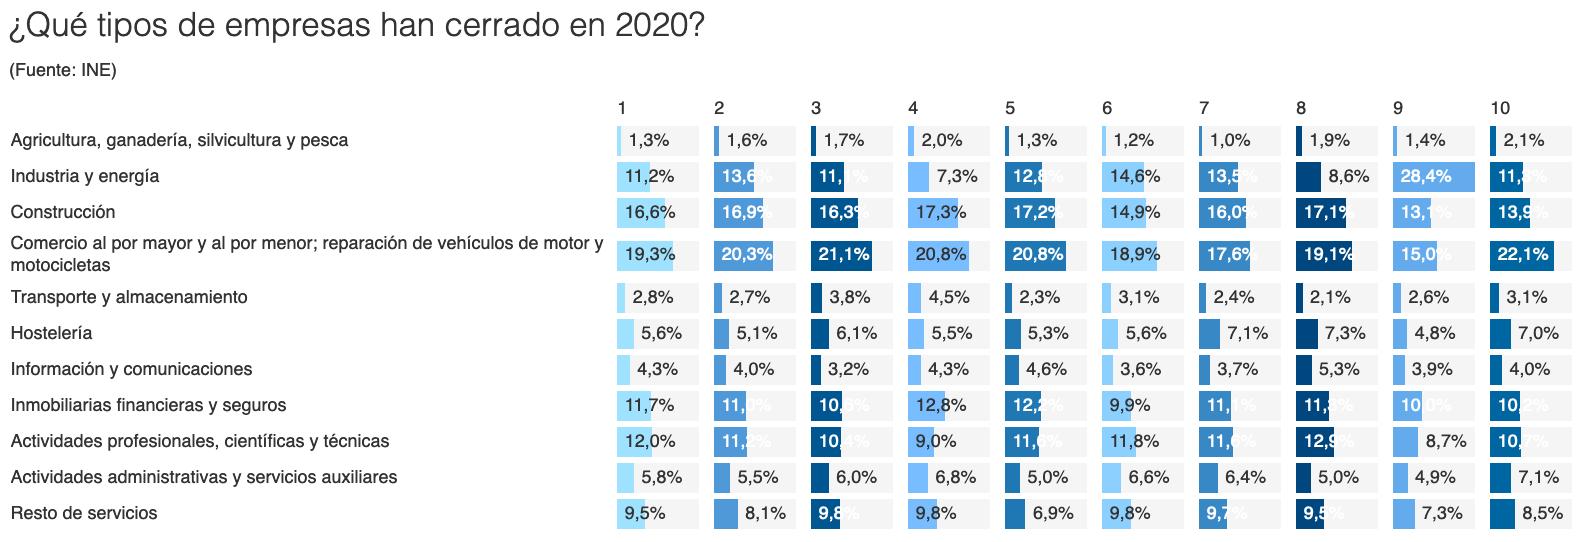 que tipos de empresa han cerrado en 2020